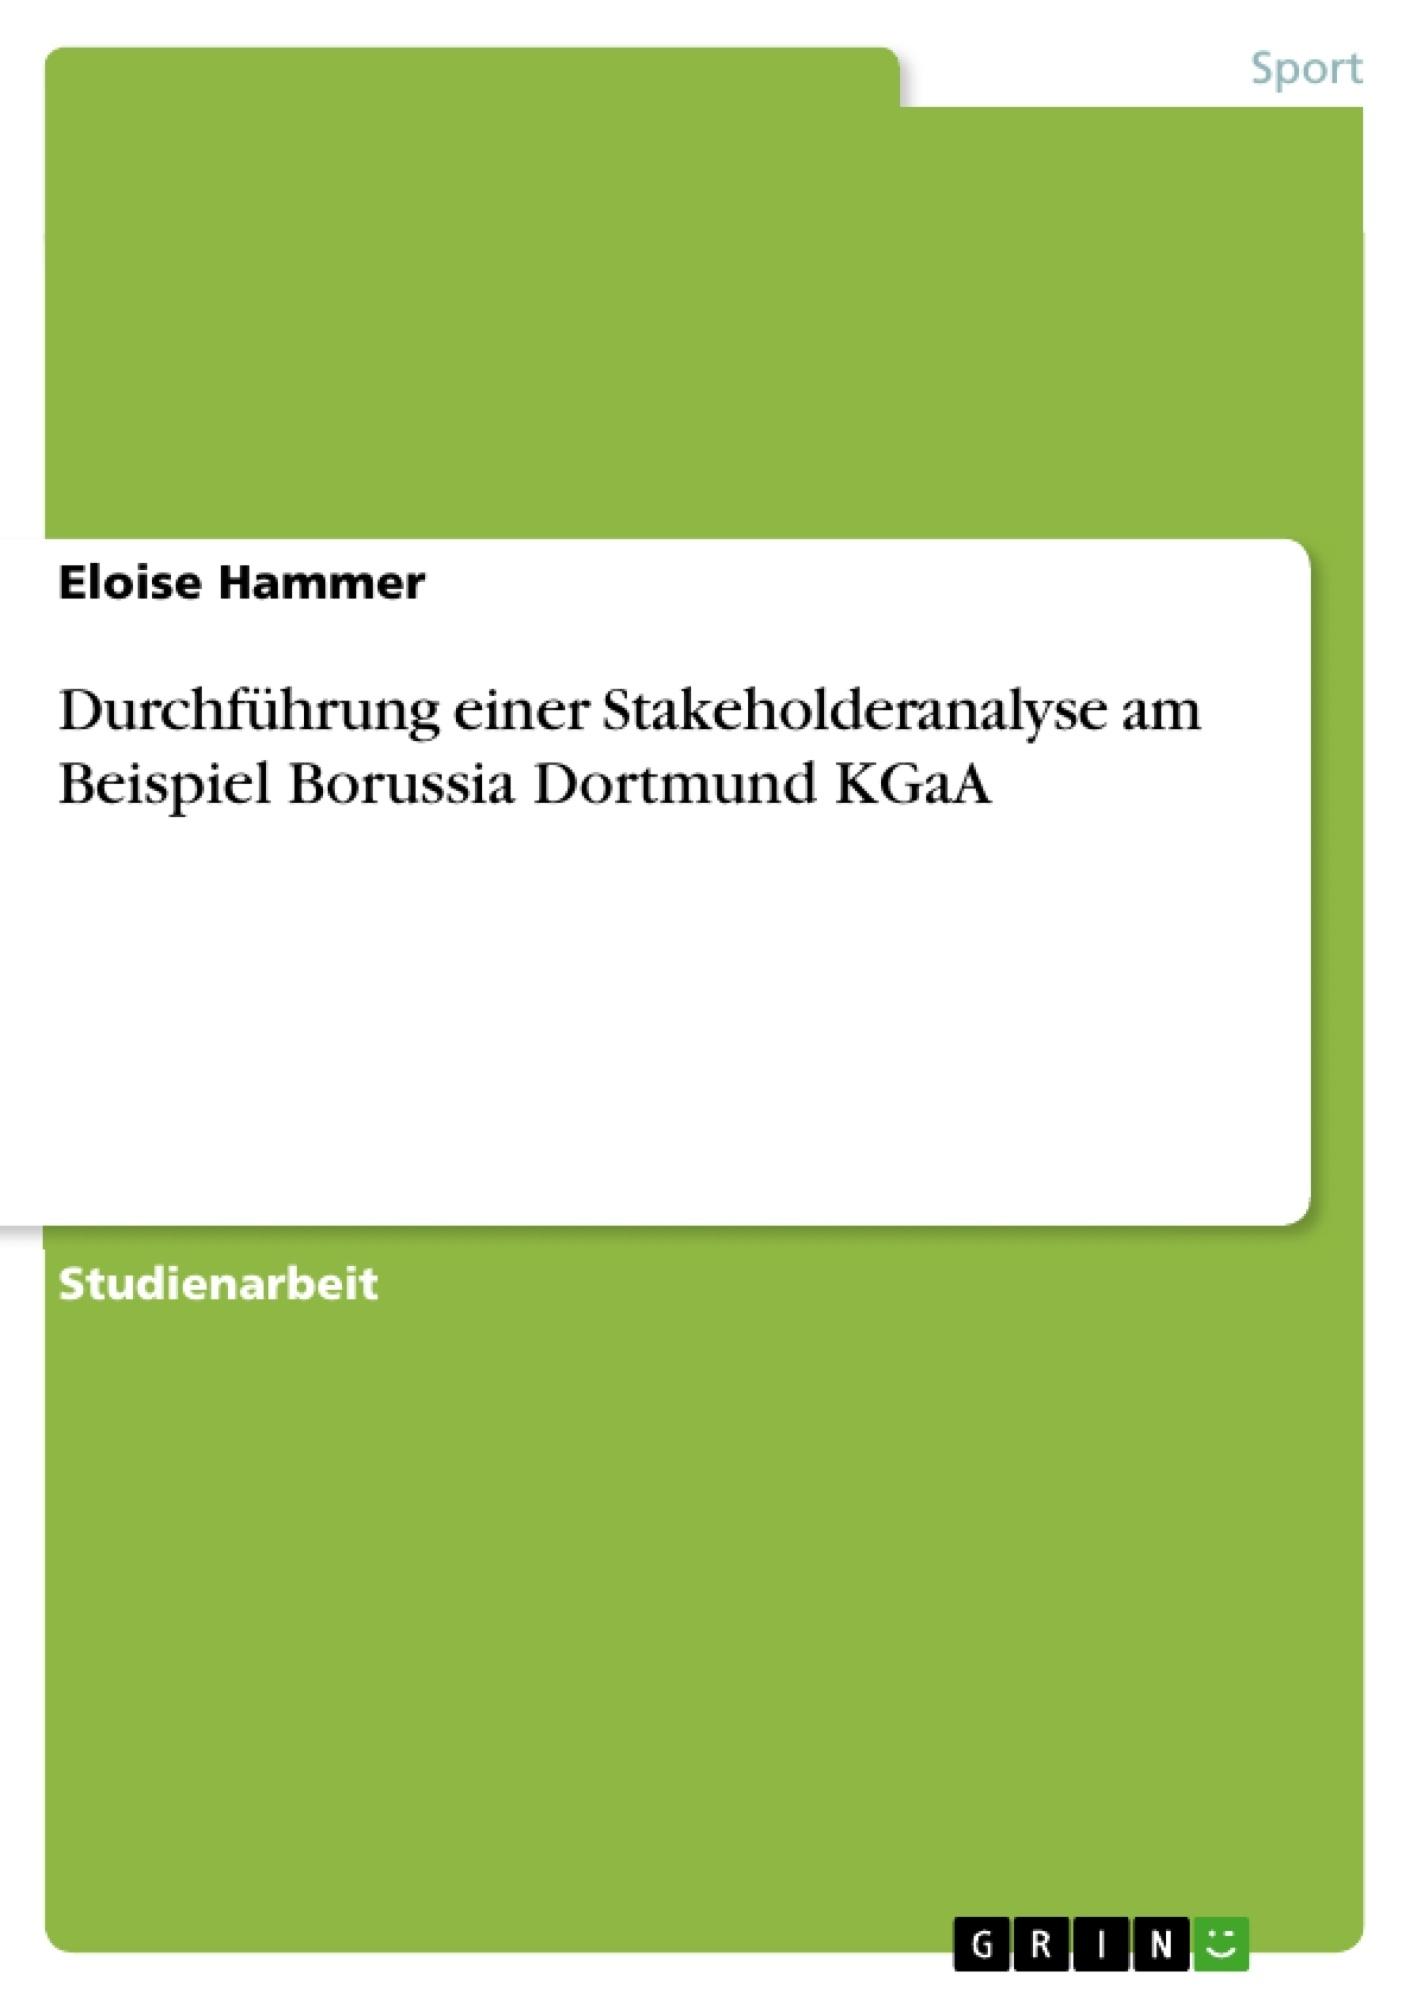 Titel: Durchführung einer Stakeholderanalyse am Beispiel Borussia Dortmund KGaA